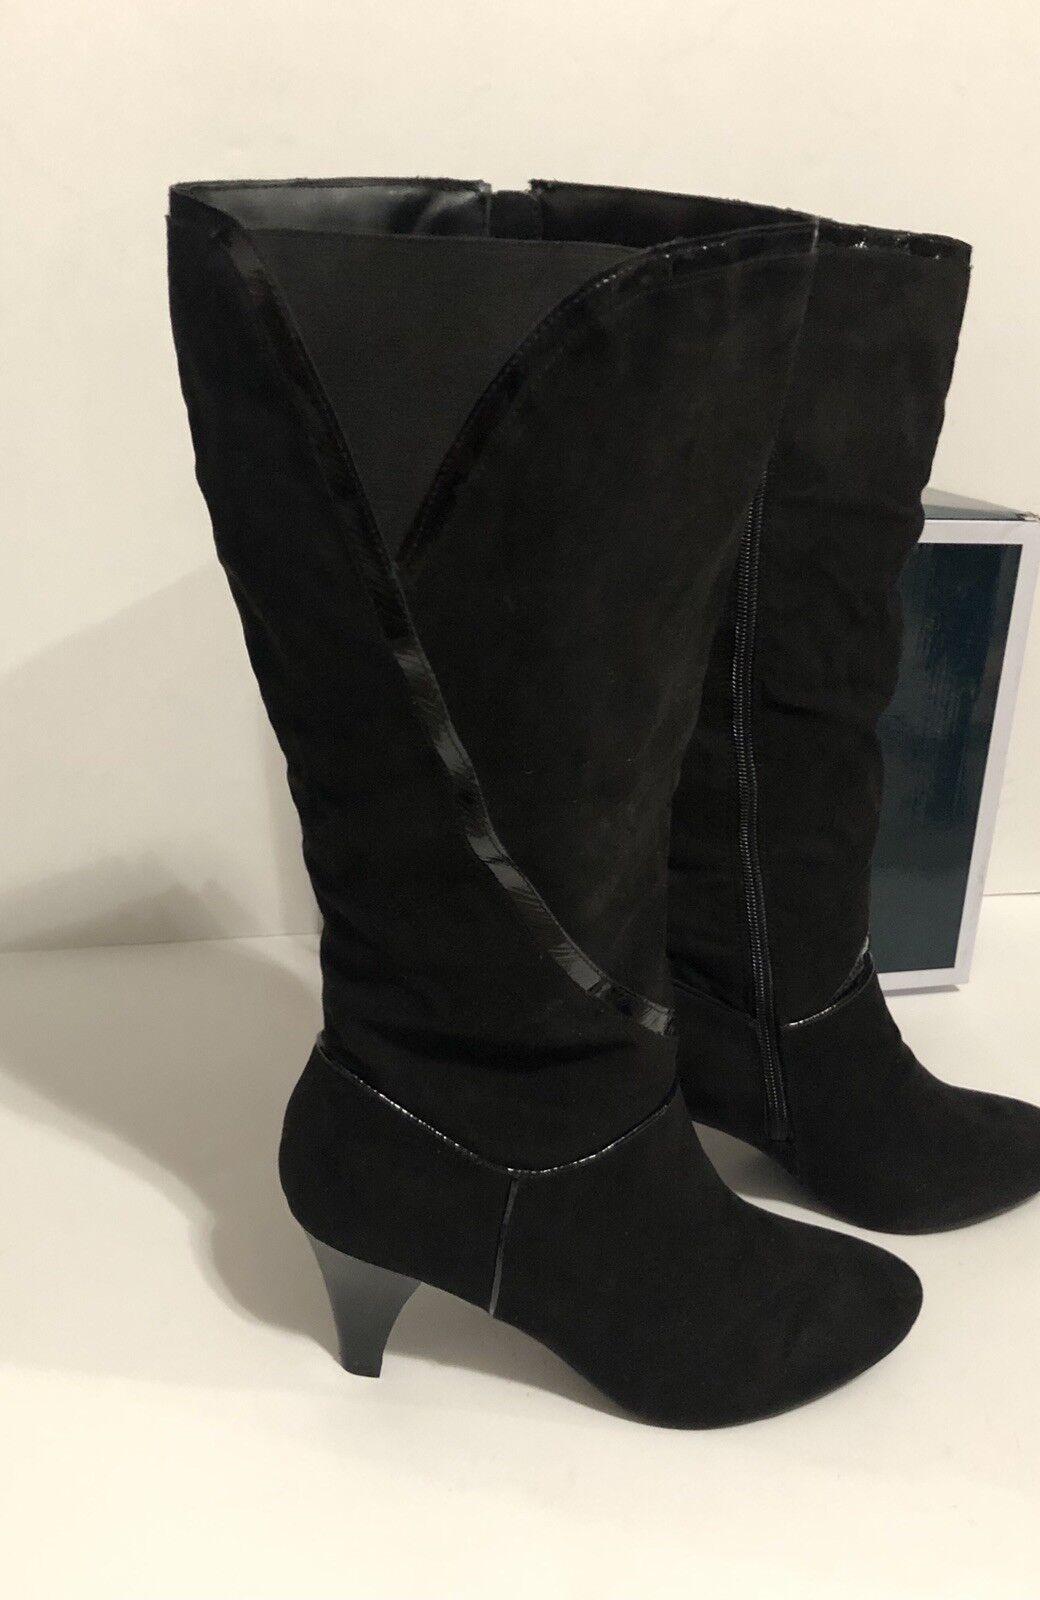 Karen Scott mailaa vestido de becerro ancho botas 9M 9M 9M al por menor  79.50  los nuevos estilos calientes